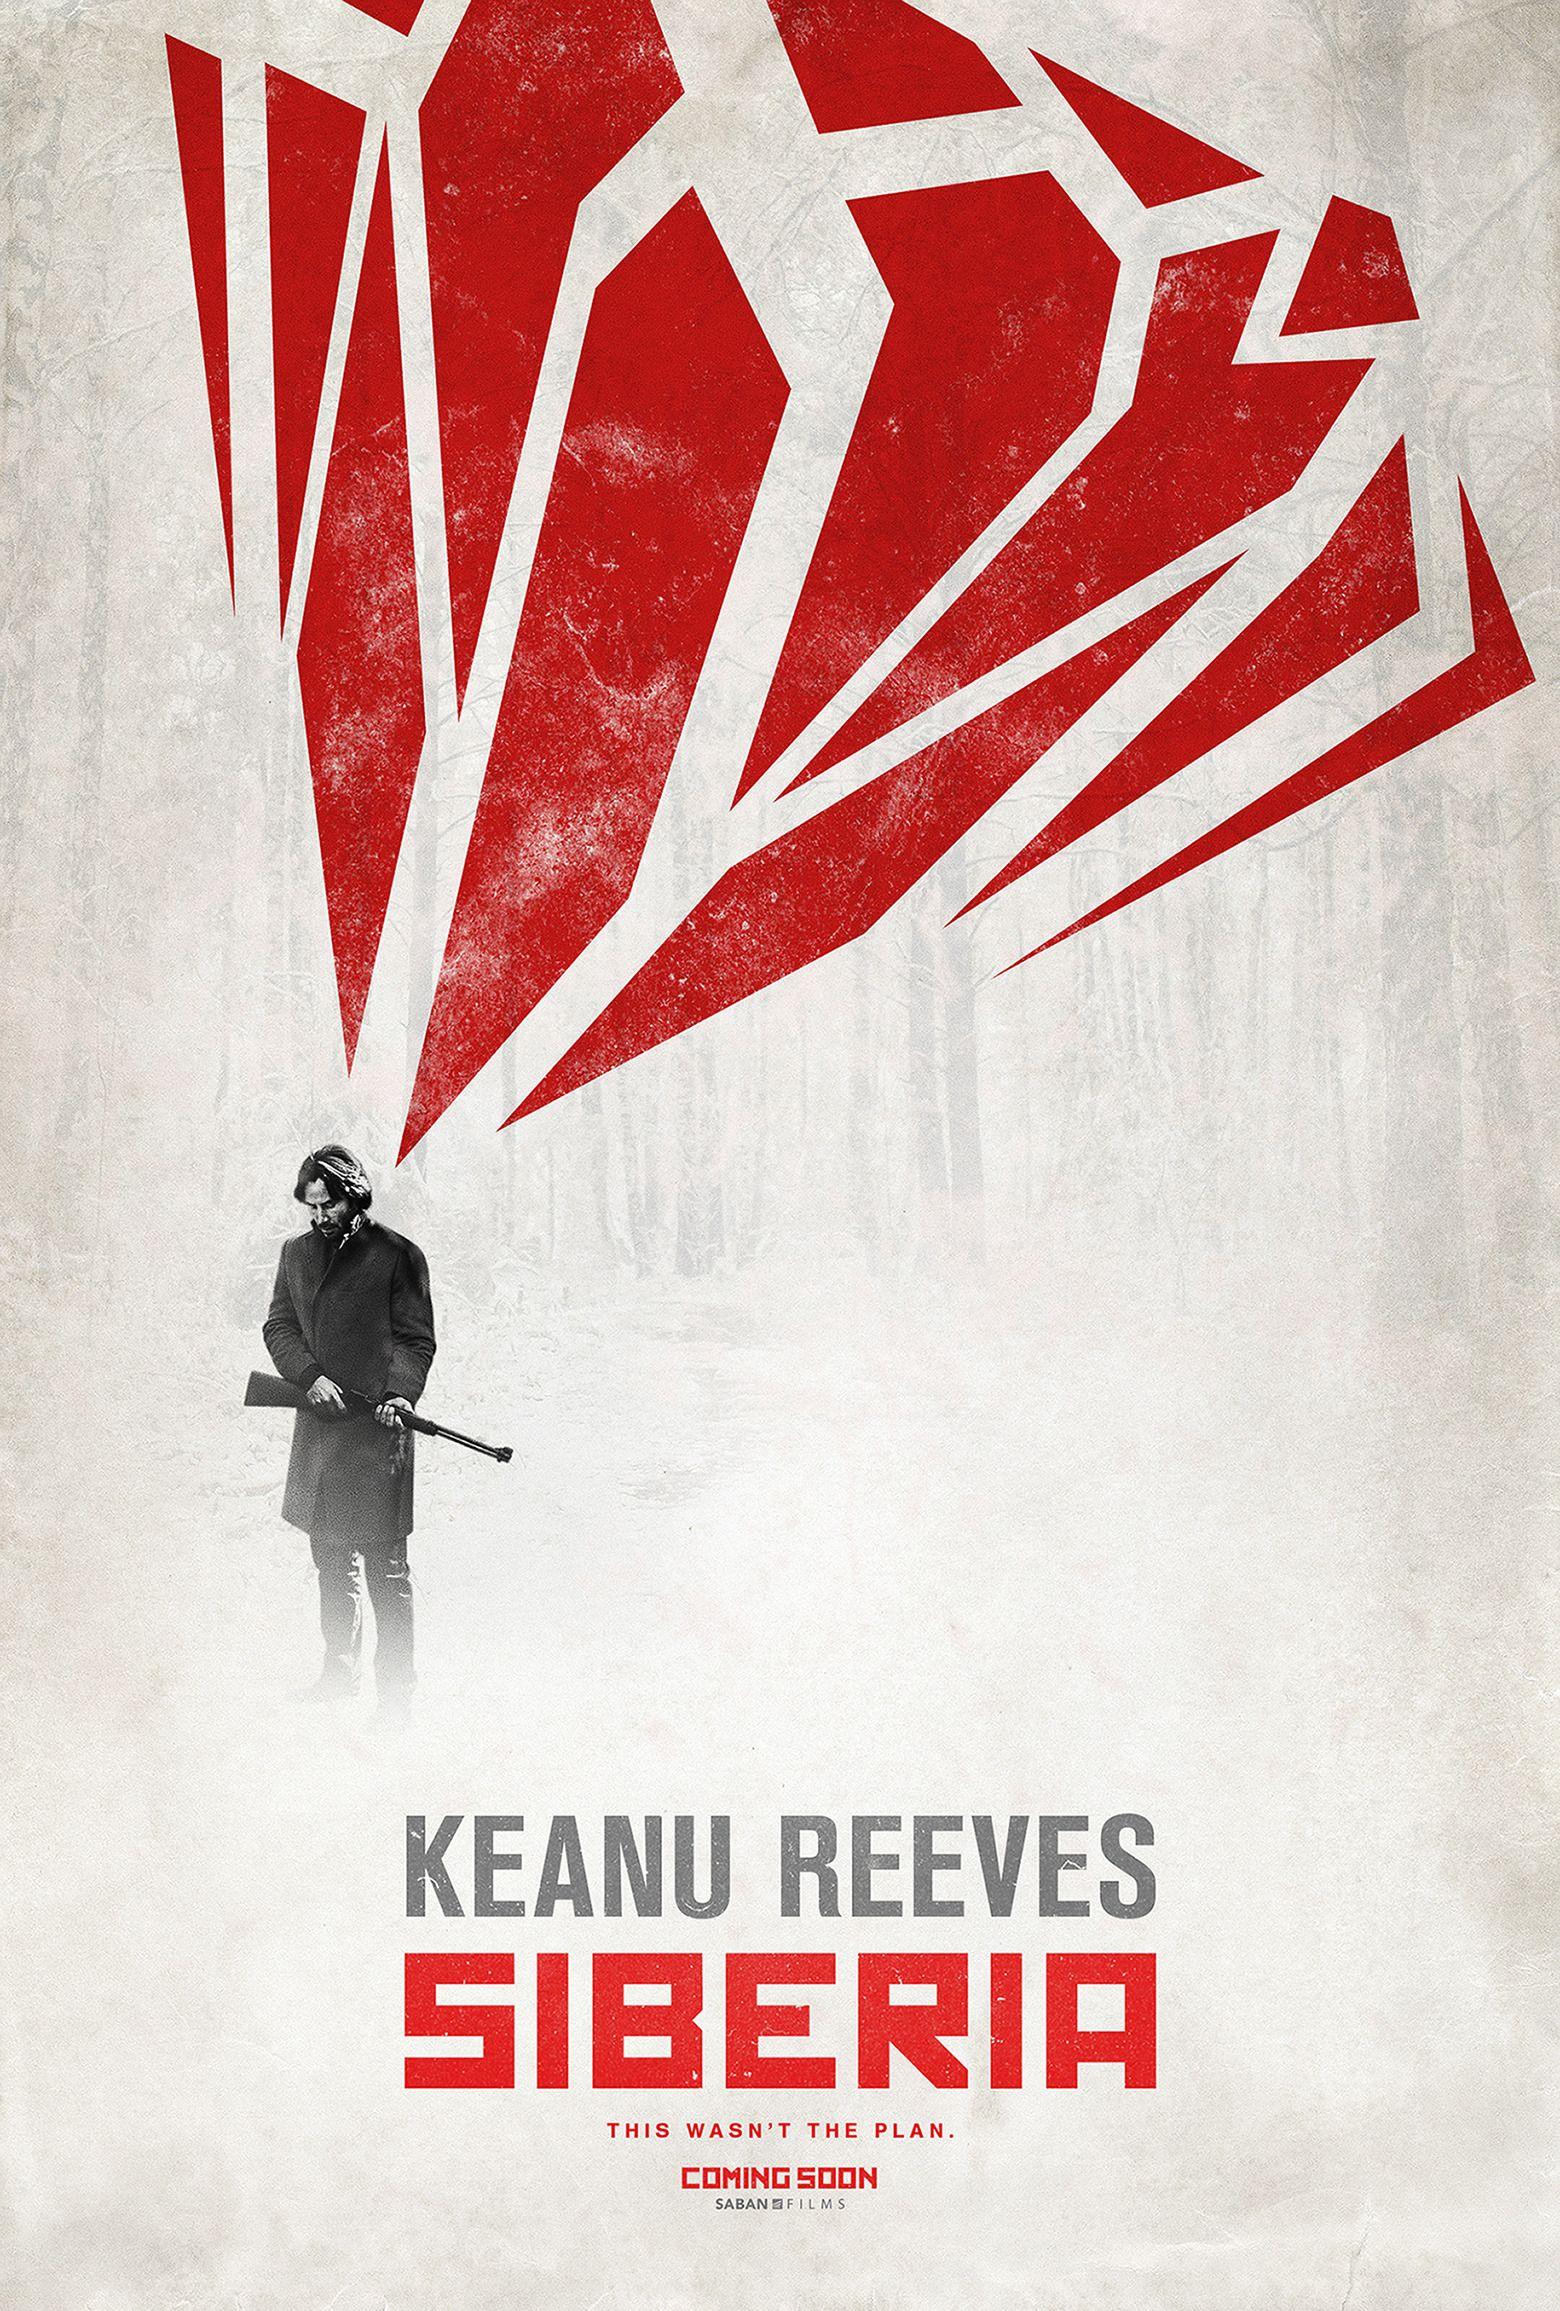 Pin By David Meneces On Tv Moderno: Películas Completas, Keanu Reeves, Películas En